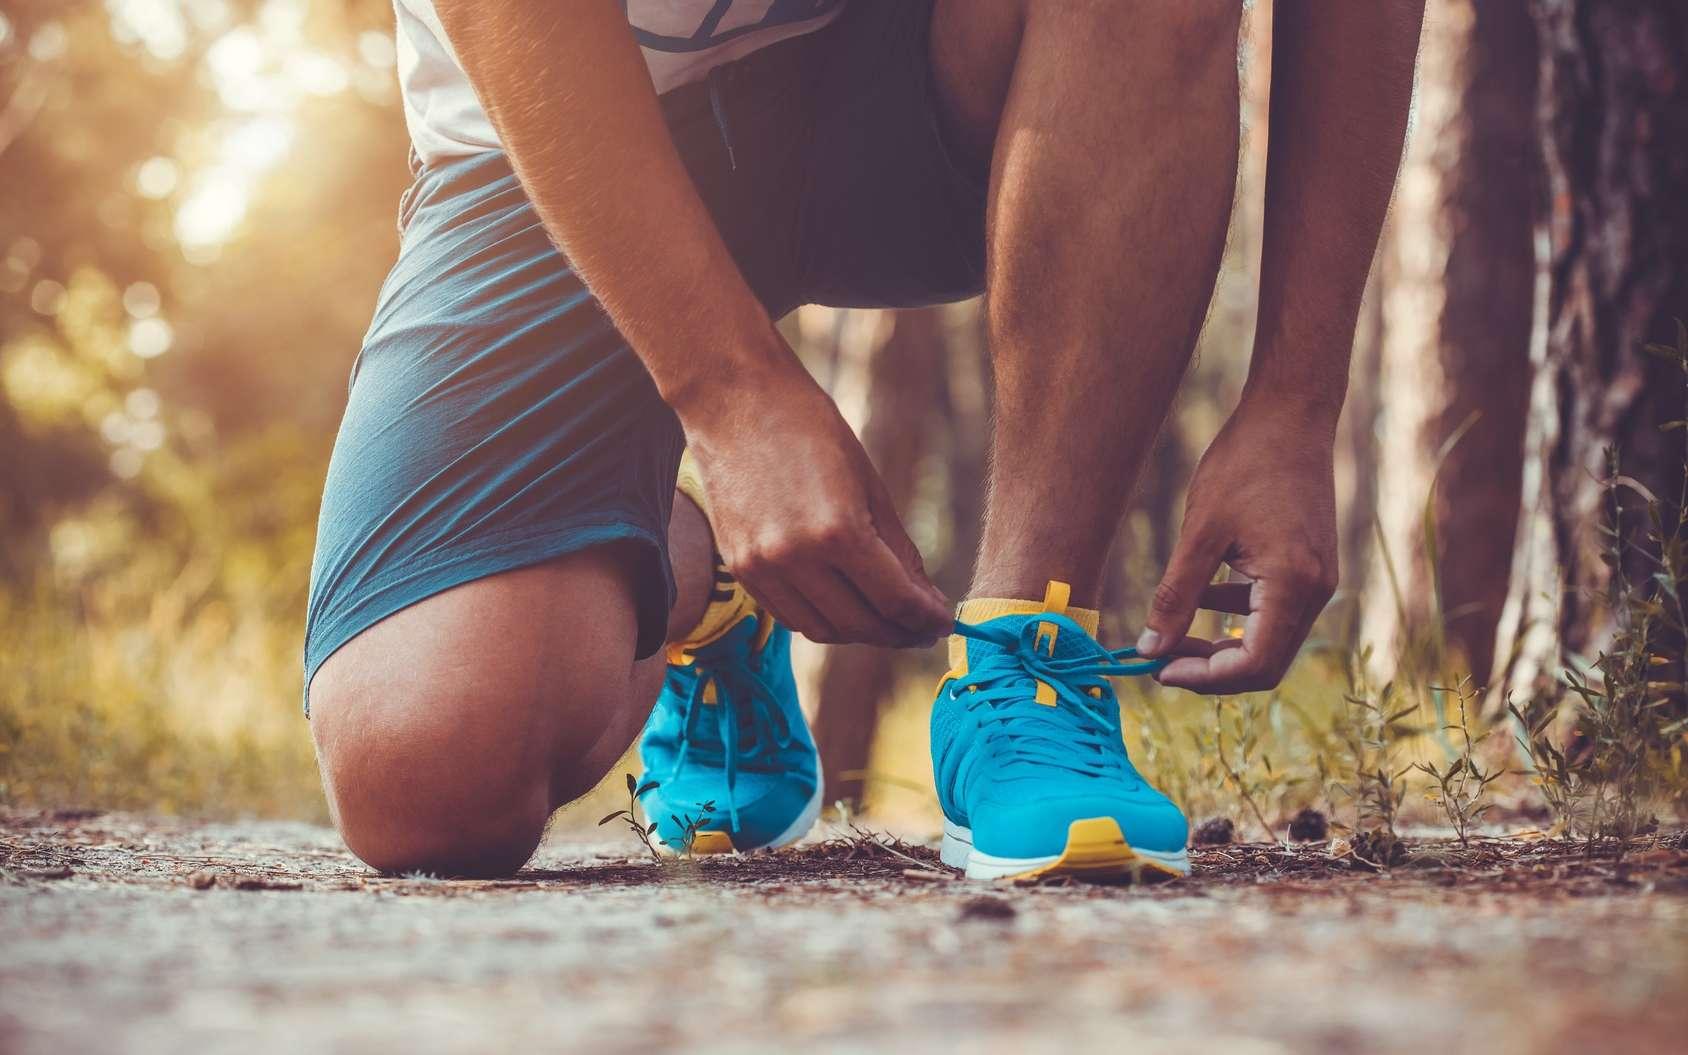 Une pilule pour remplacer le sport, c'est possible ? Un traitement pourrait produire certains des effets d'une activité physique... © Dmytro Titov, Fotolia